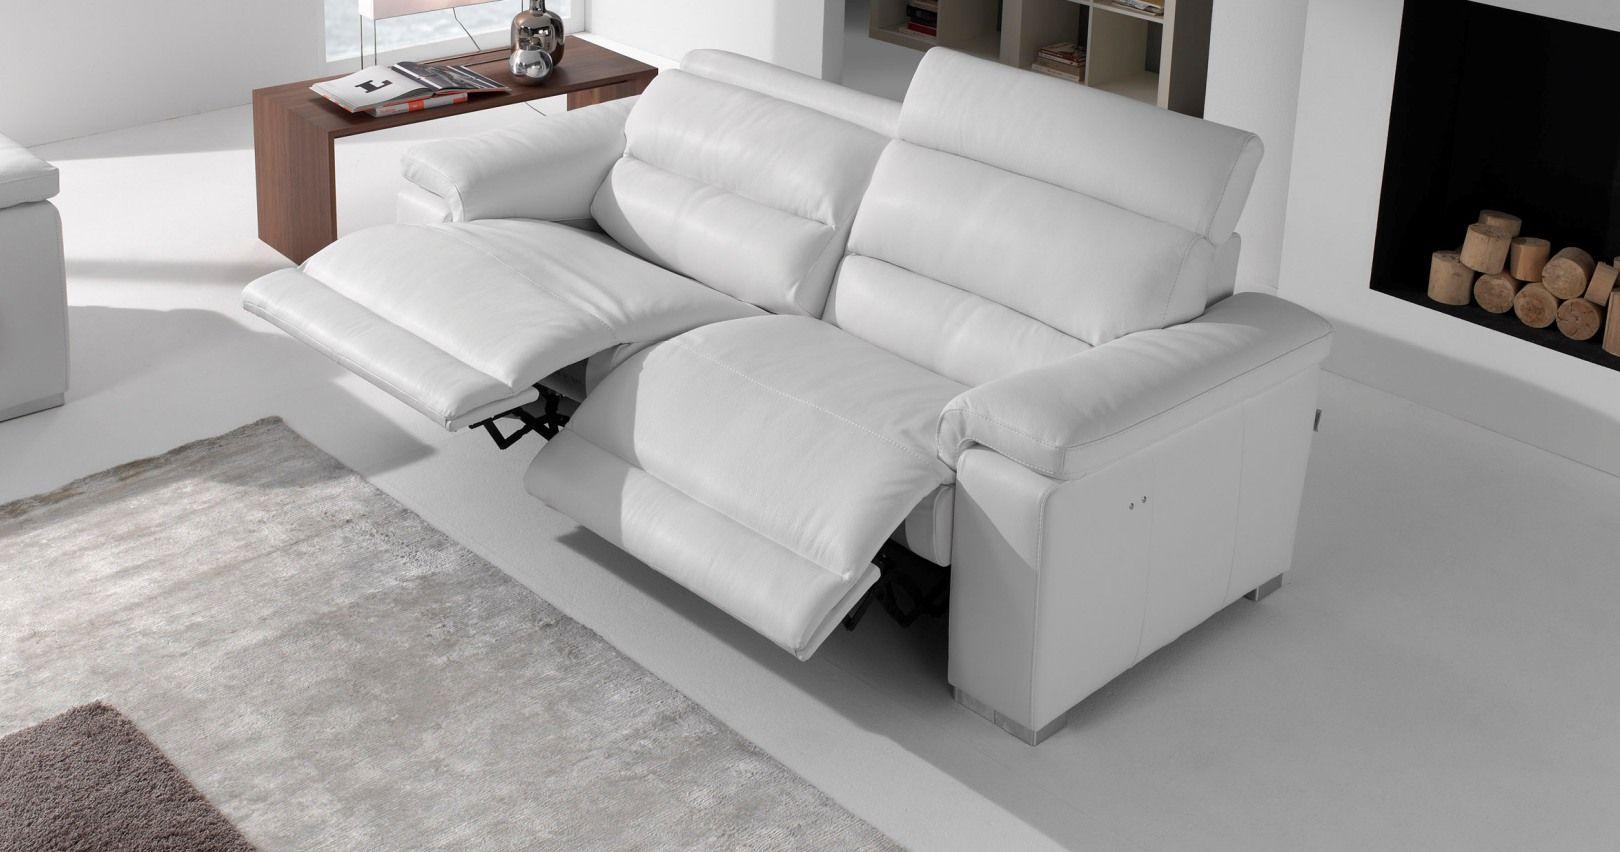 Canapé Convertible Relax Des Idées